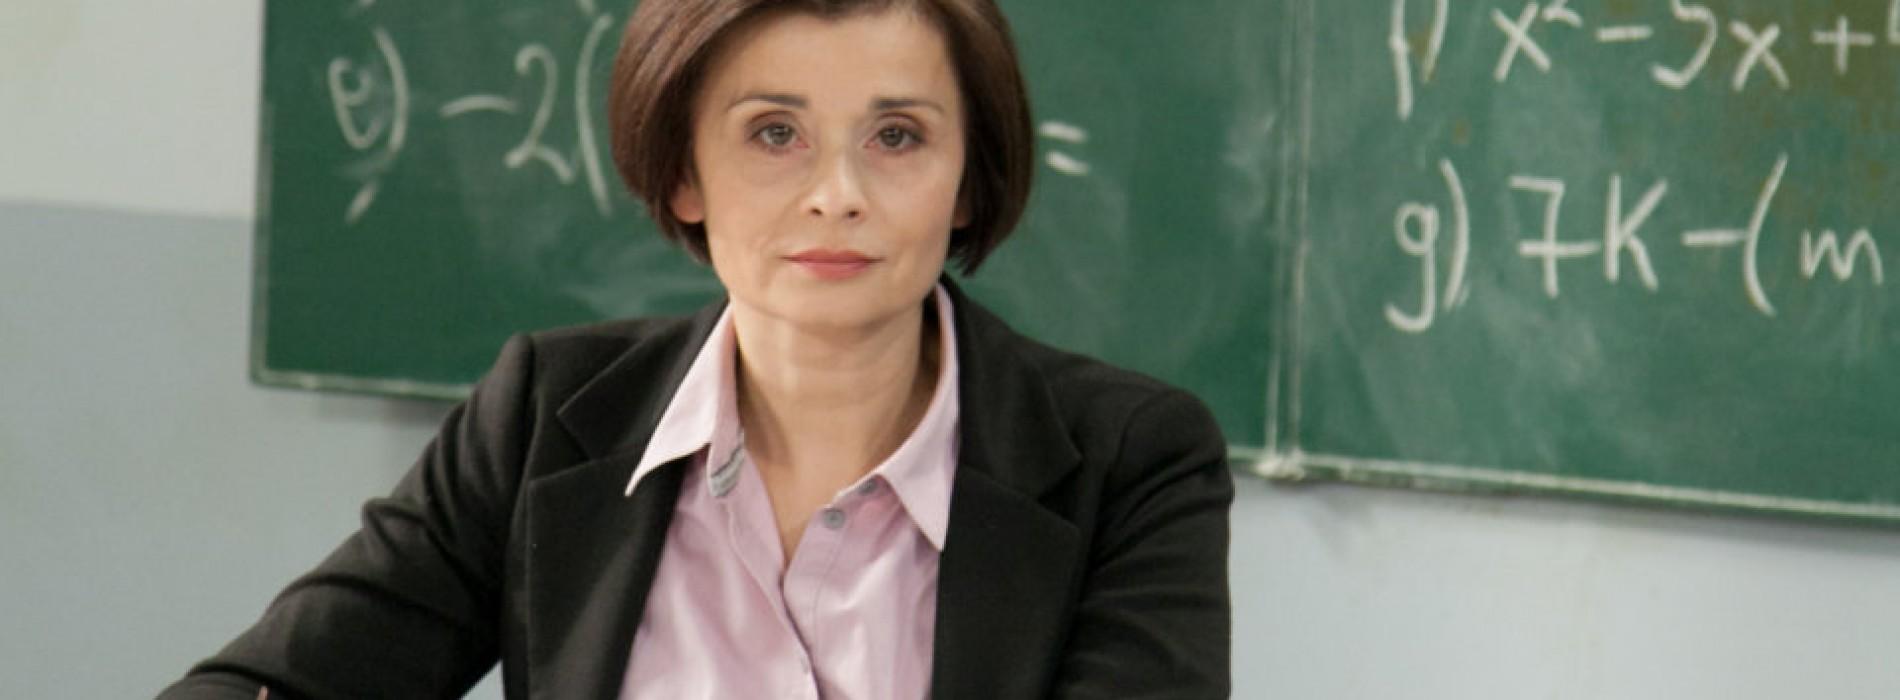 Zarobki nauczycieli + możliwości dodatkowych zarobków – raport od Preply